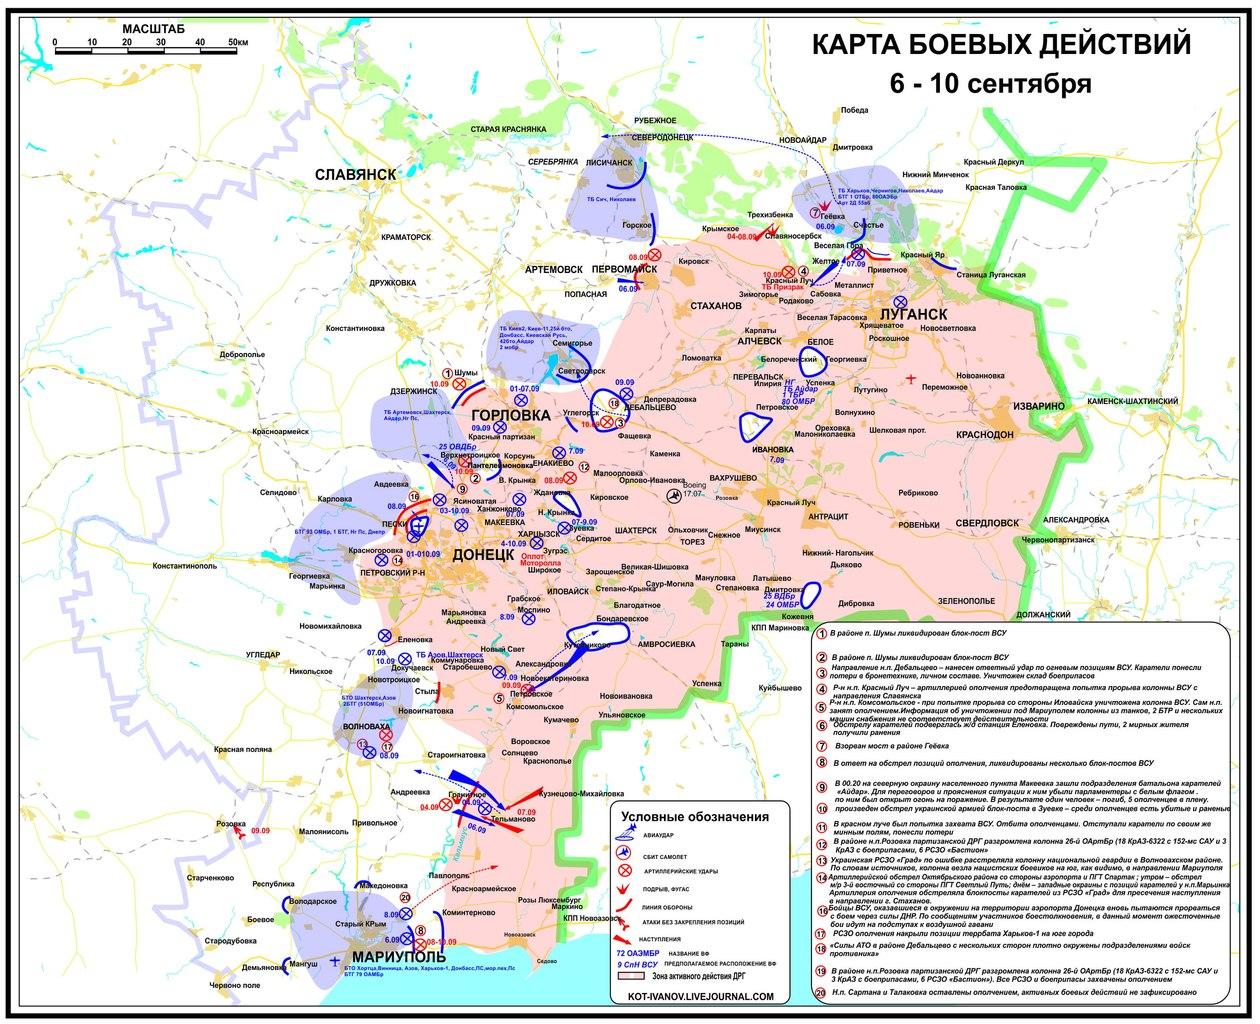 Карта боевых действий на Донбассе актуальная на 11 сентября